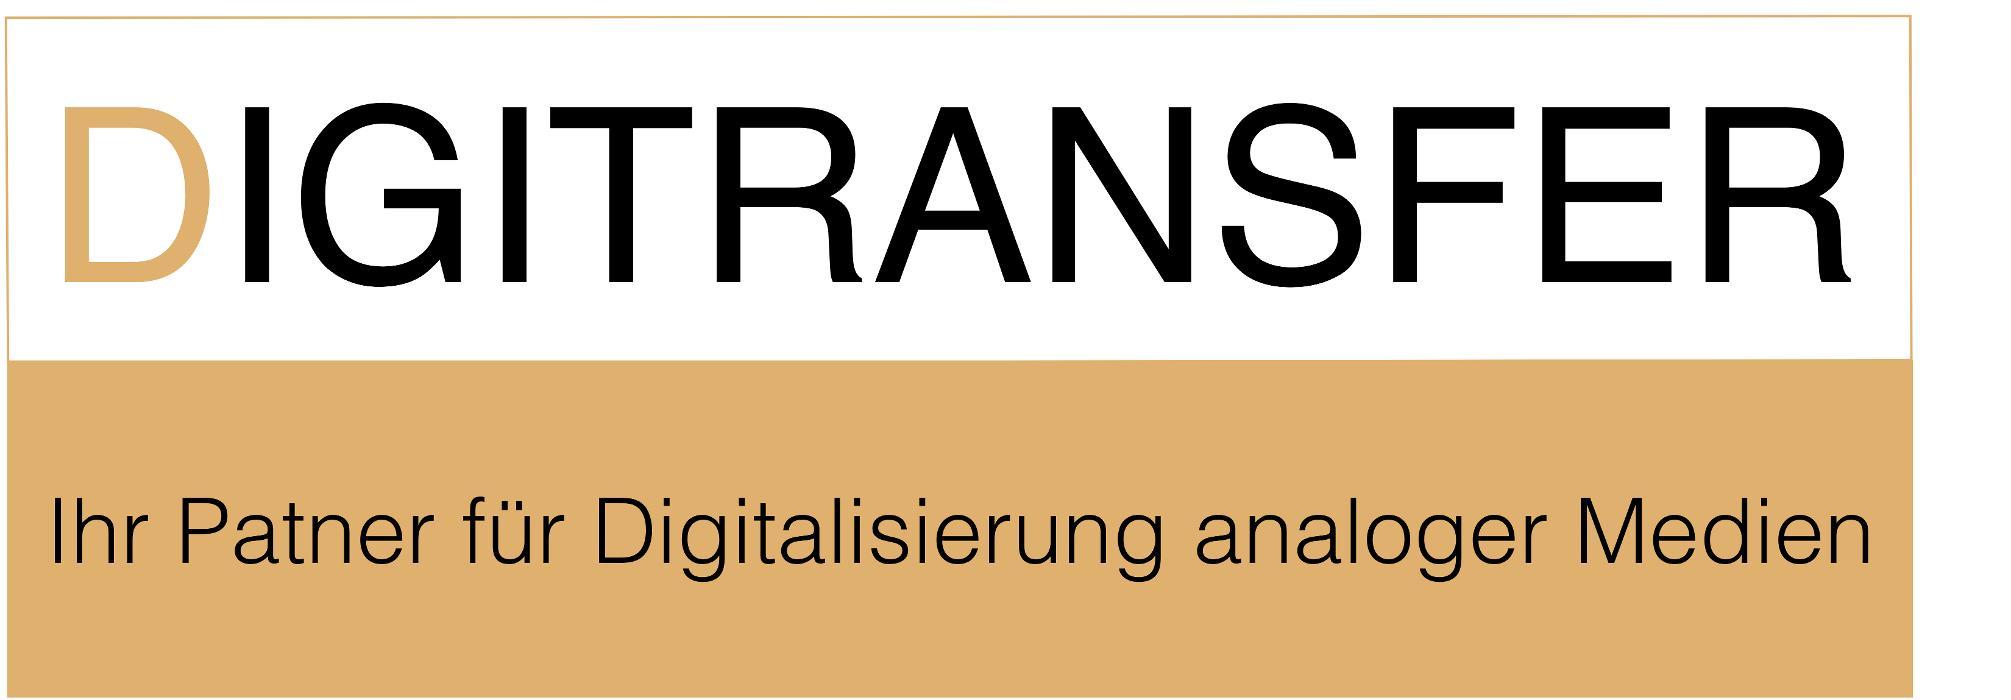 Logo von Digitransfer